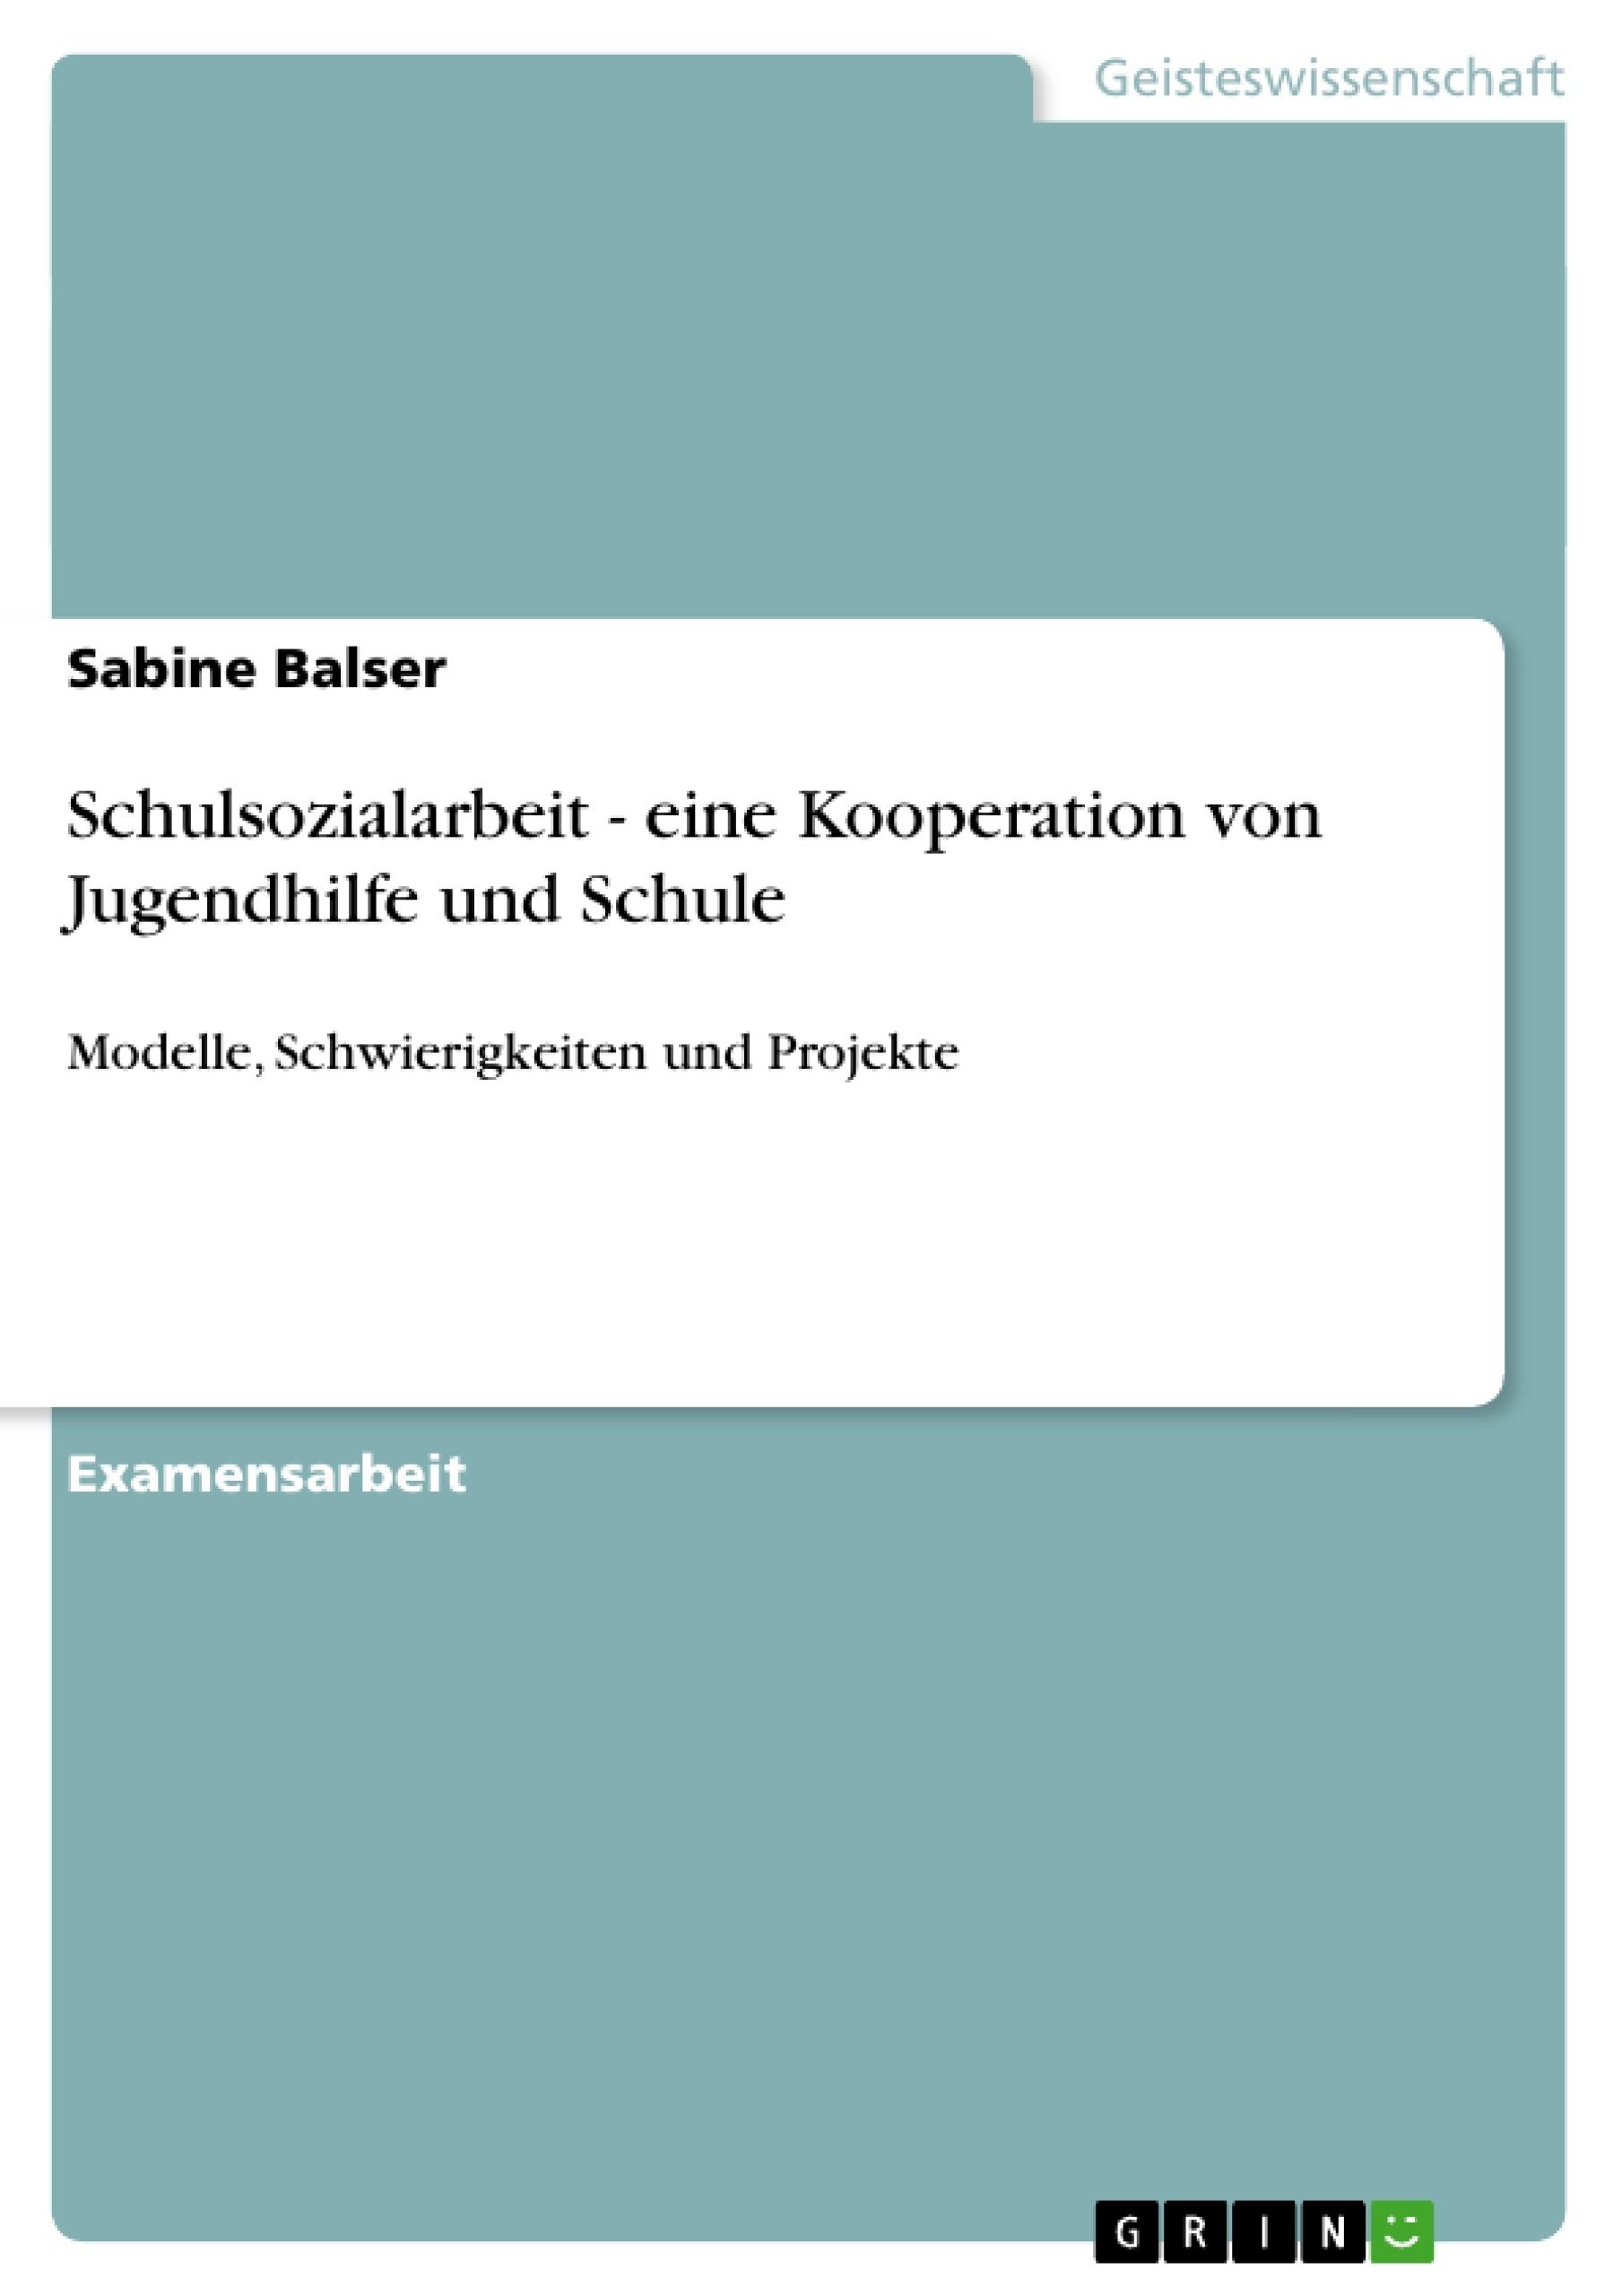 Titel: Schulsozialarbeit - eine Kooperation von Jugendhilfe und Schule